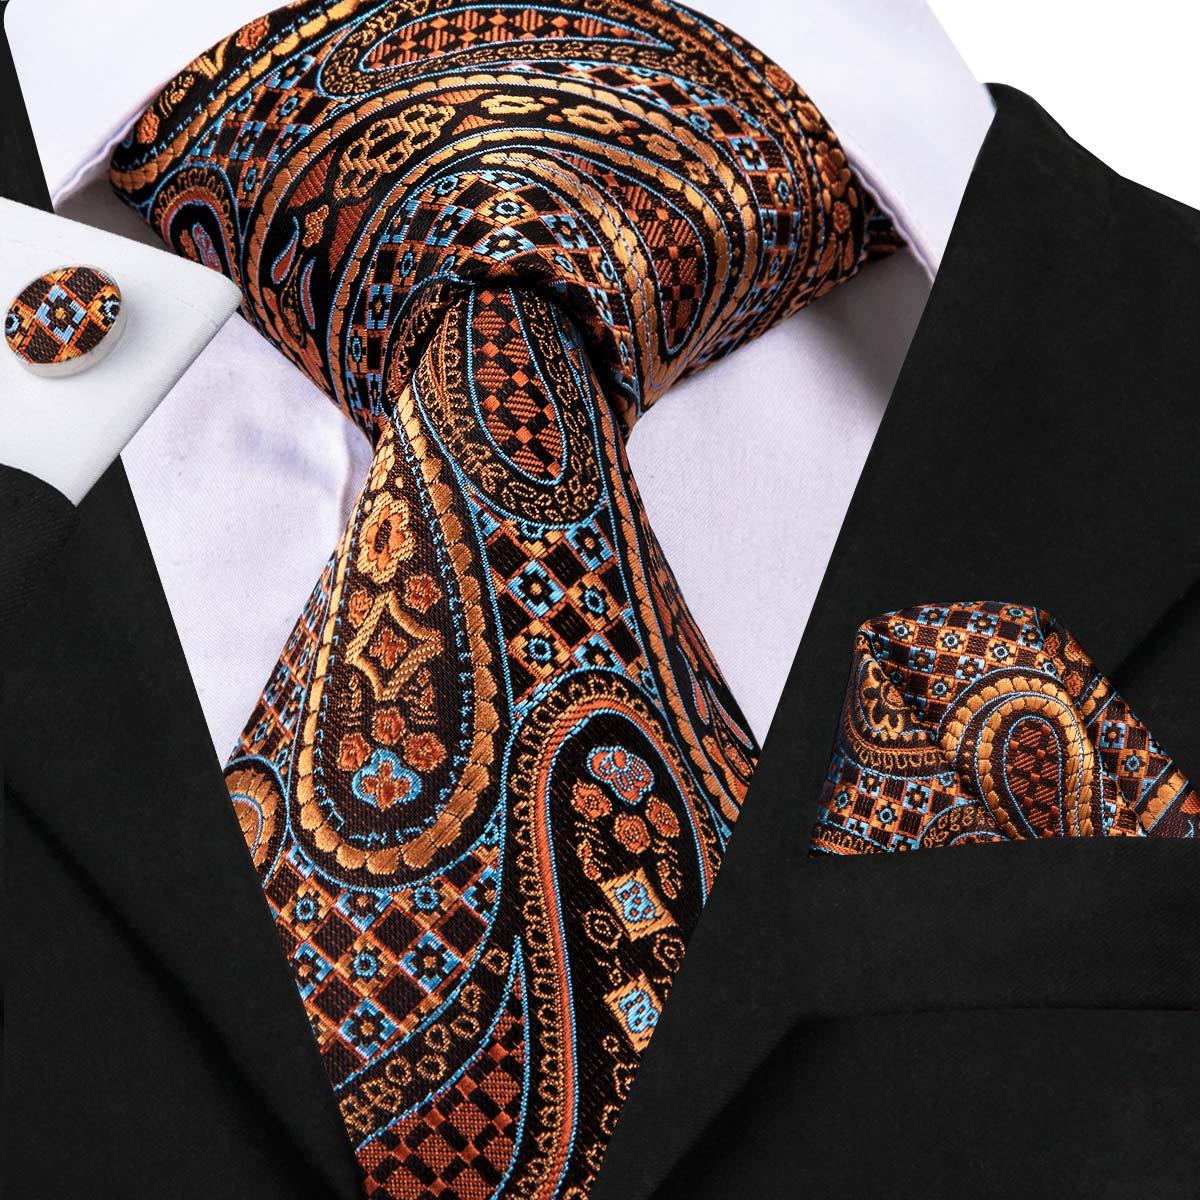 Corbatas masculinas de alta calidad de marca famosa Hi-Tie, estilo de negocios, corbata de patrón Paisley, juego de gemelos y pañuelo para SN-3078 de fiesta de boda